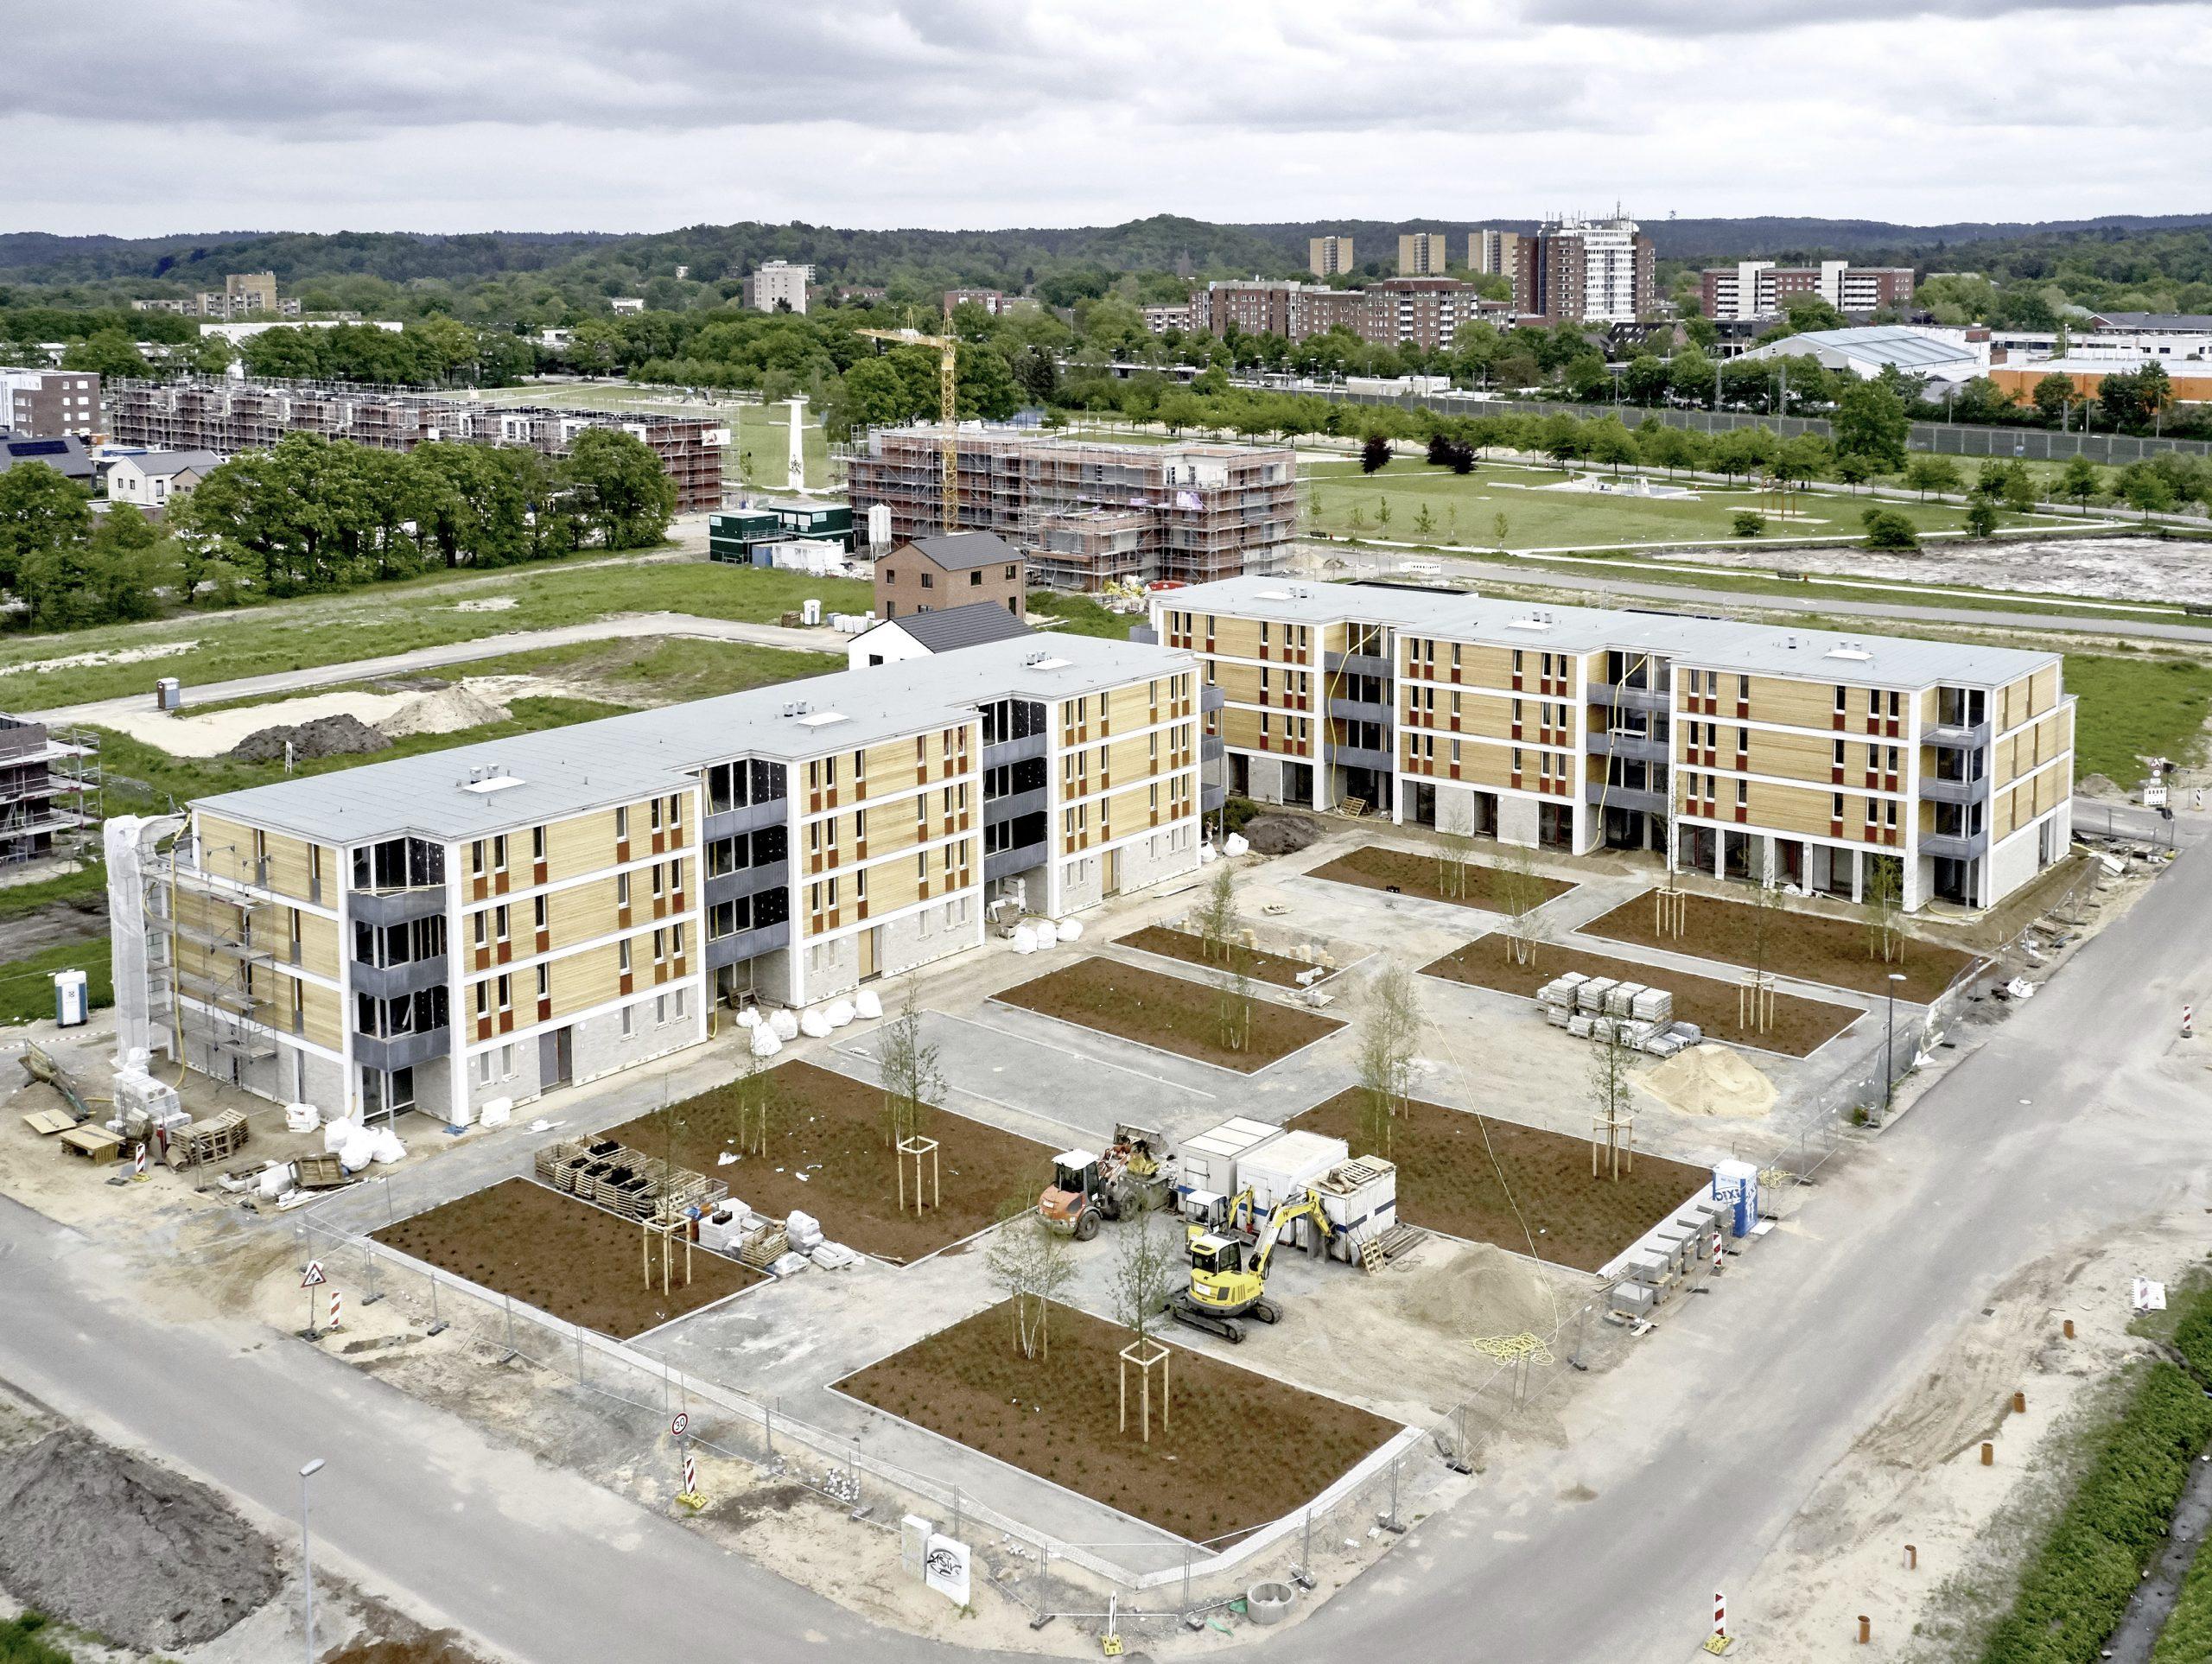 Hamburger Holzbauförderung um Qualitätssicherung erweitert